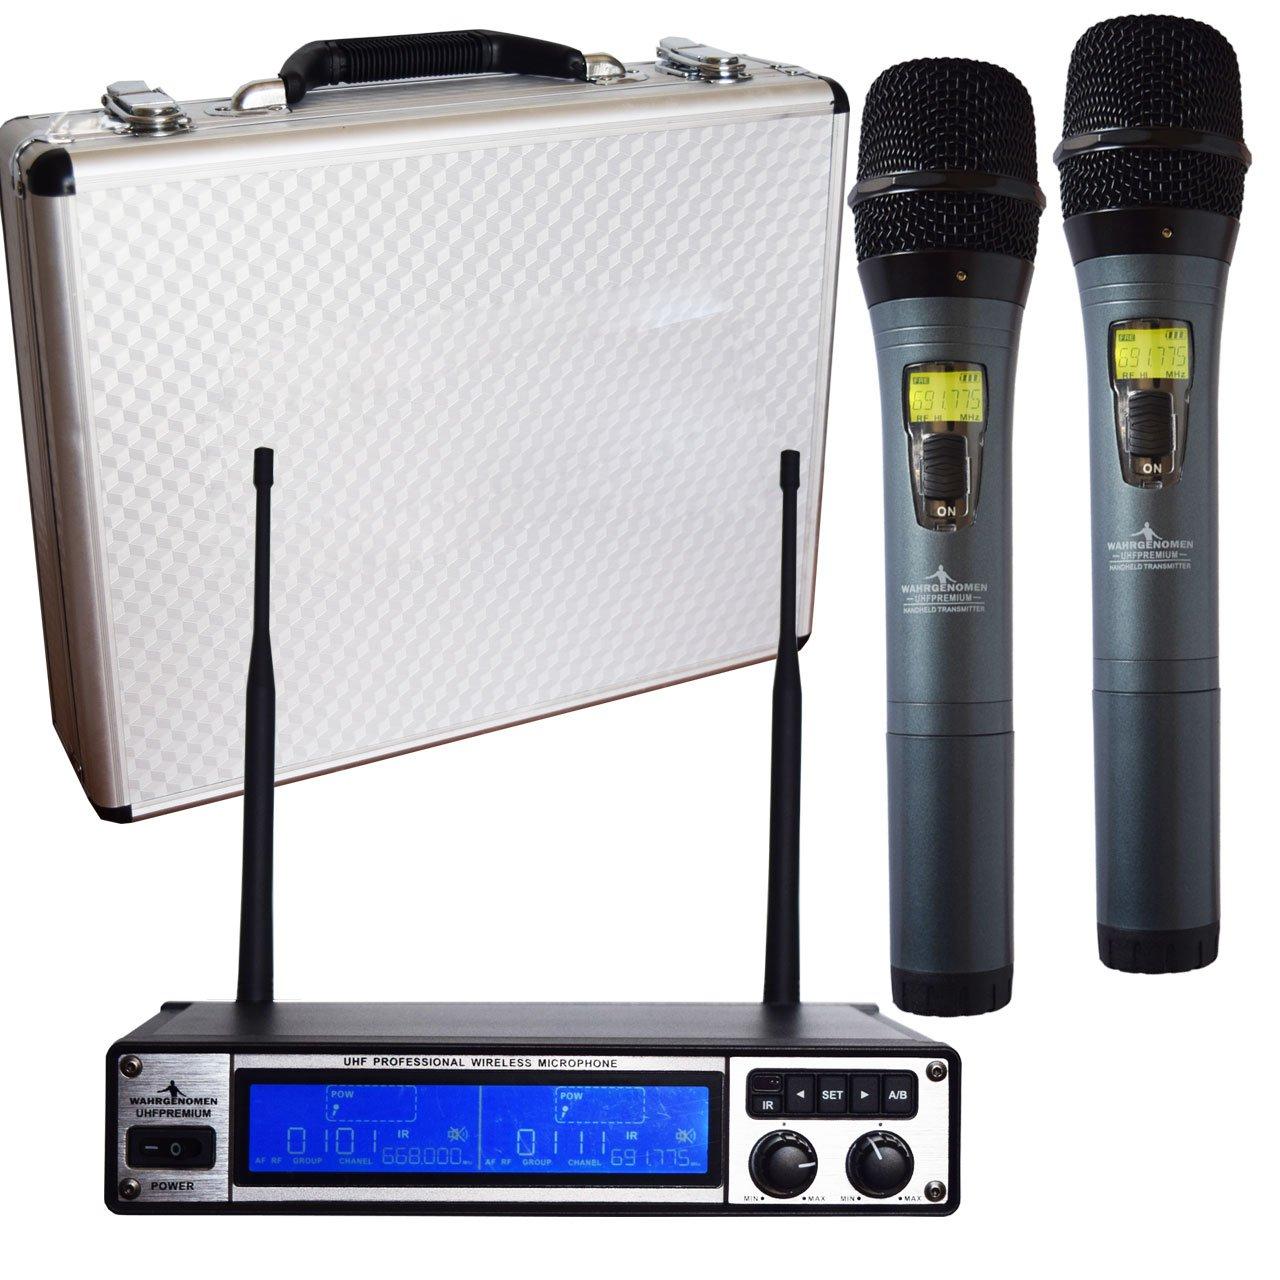 UHFPREMIUM Micrófonos Inalámbricos UHF set dual IR con cable y estuche case receptor case logo